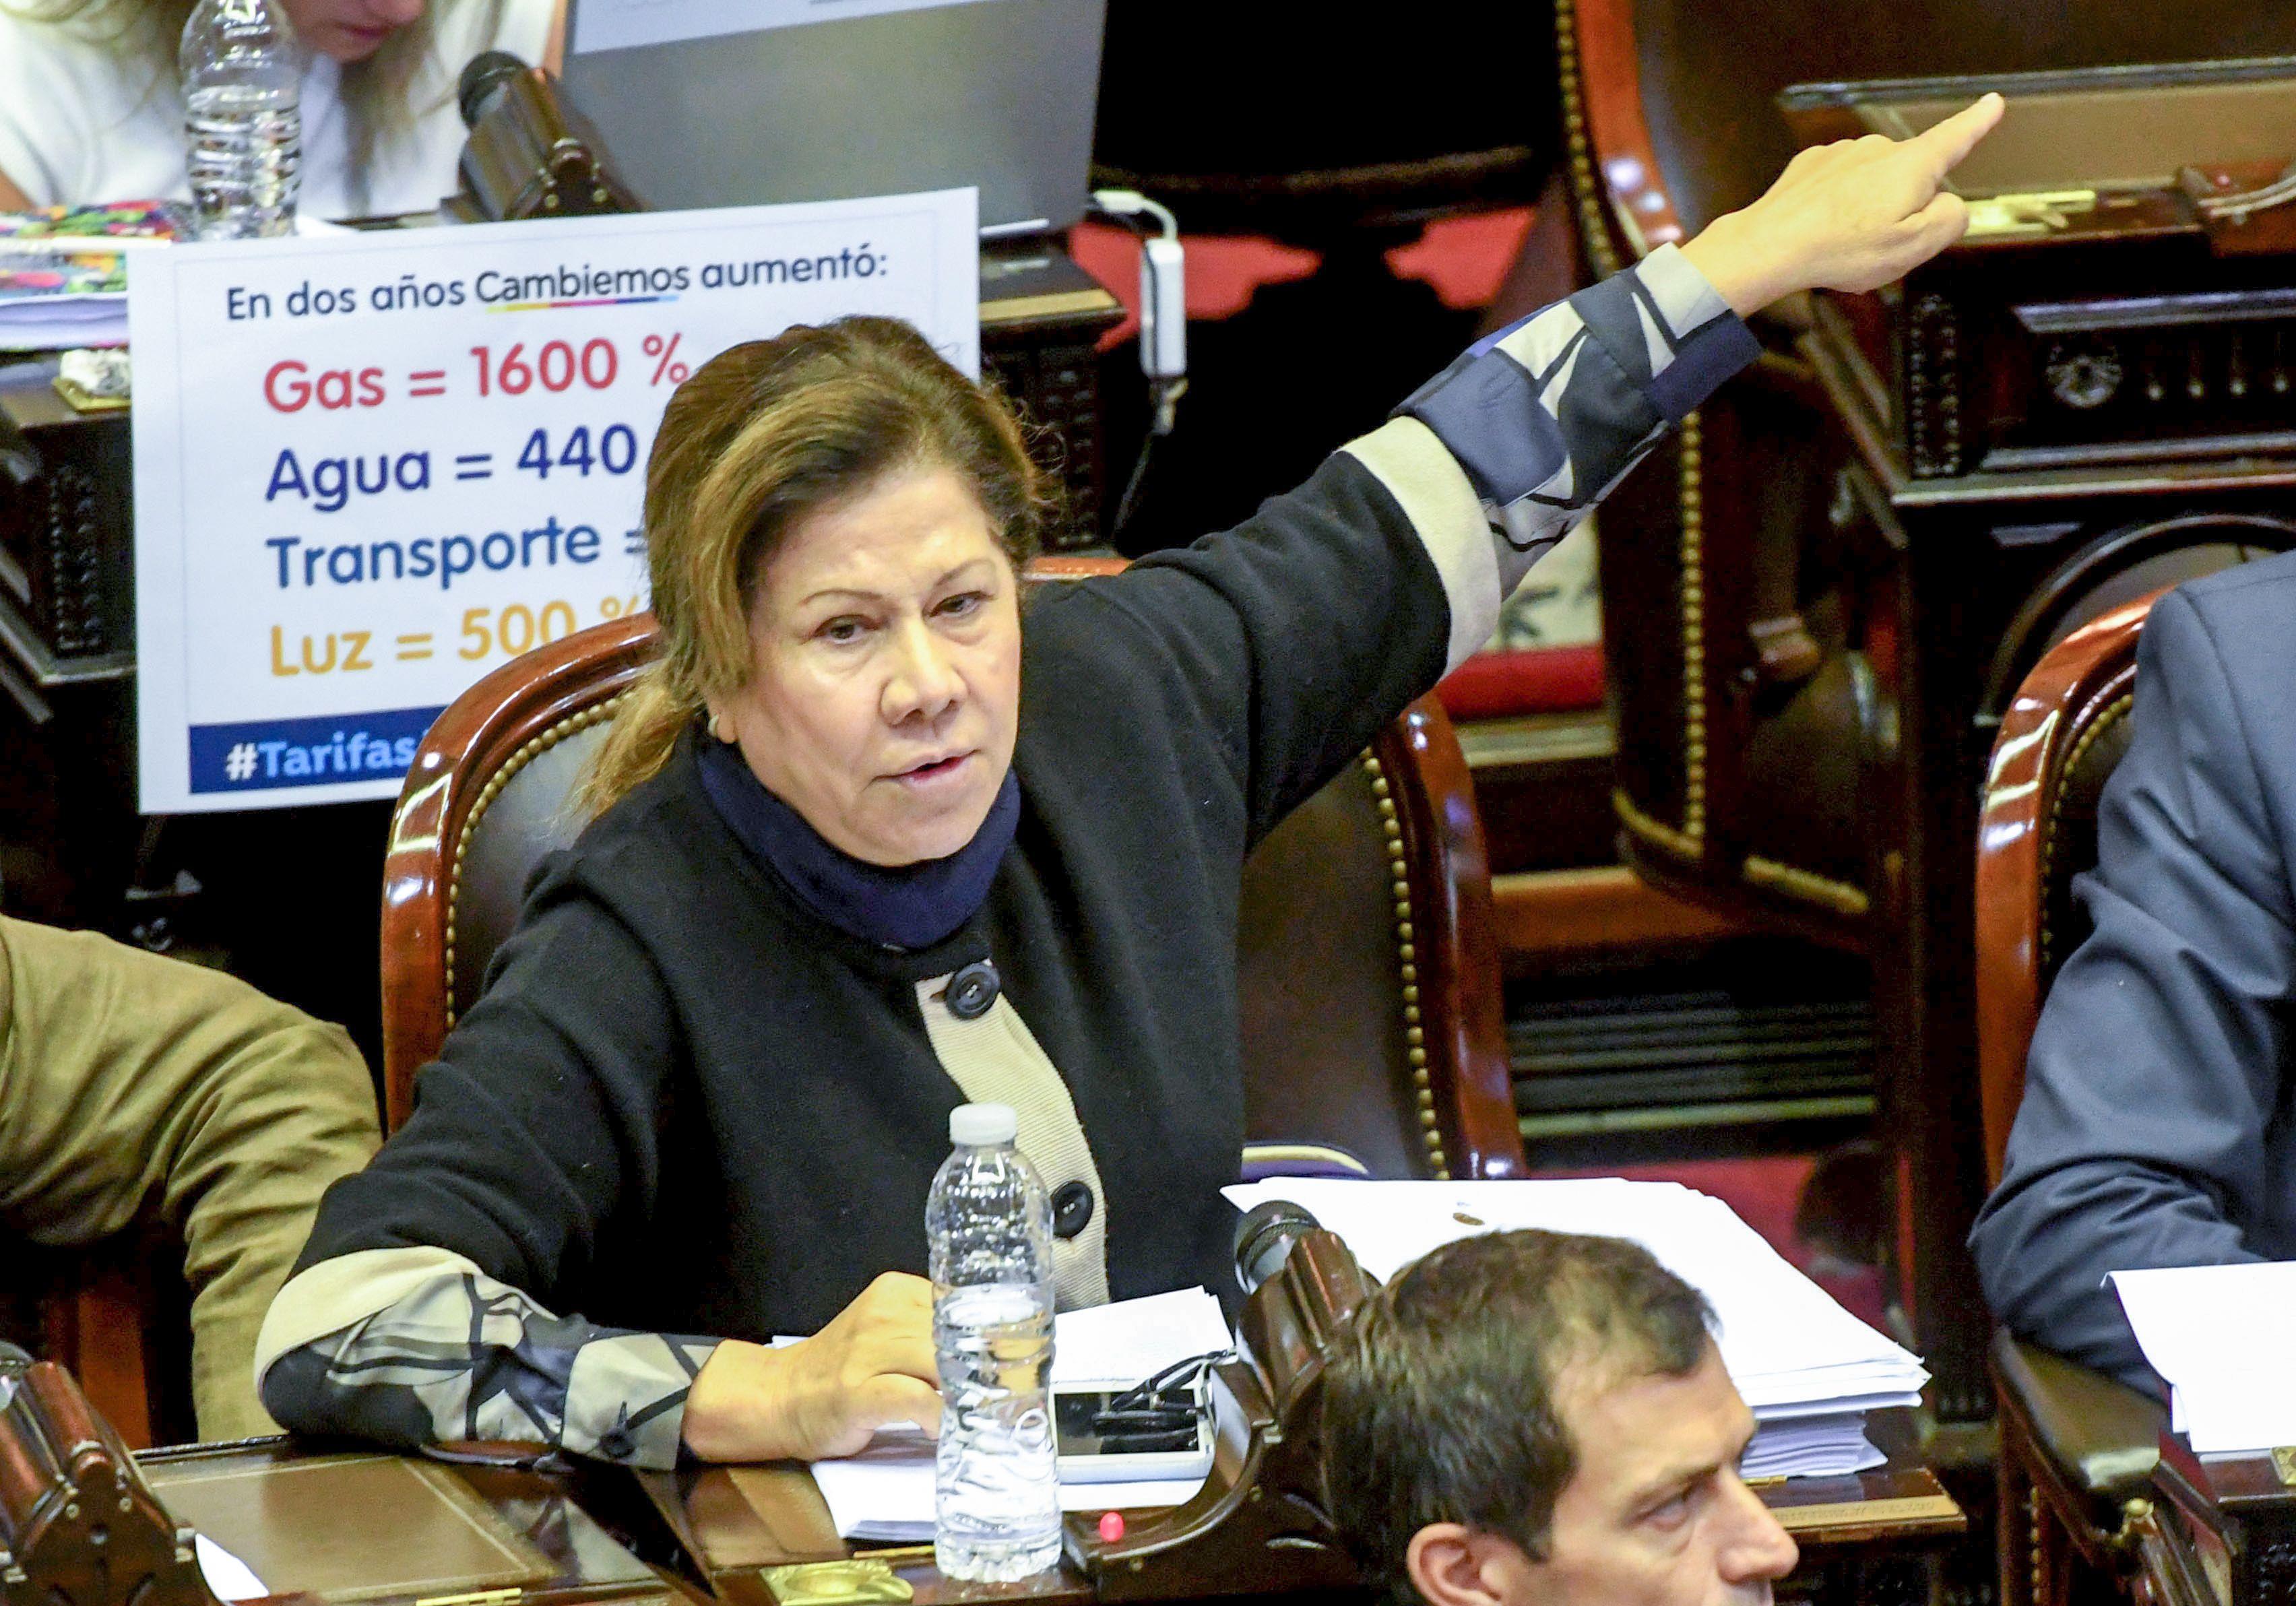 La oposición criticó el tarifazo en cuotas y advirtió que agrava la situación